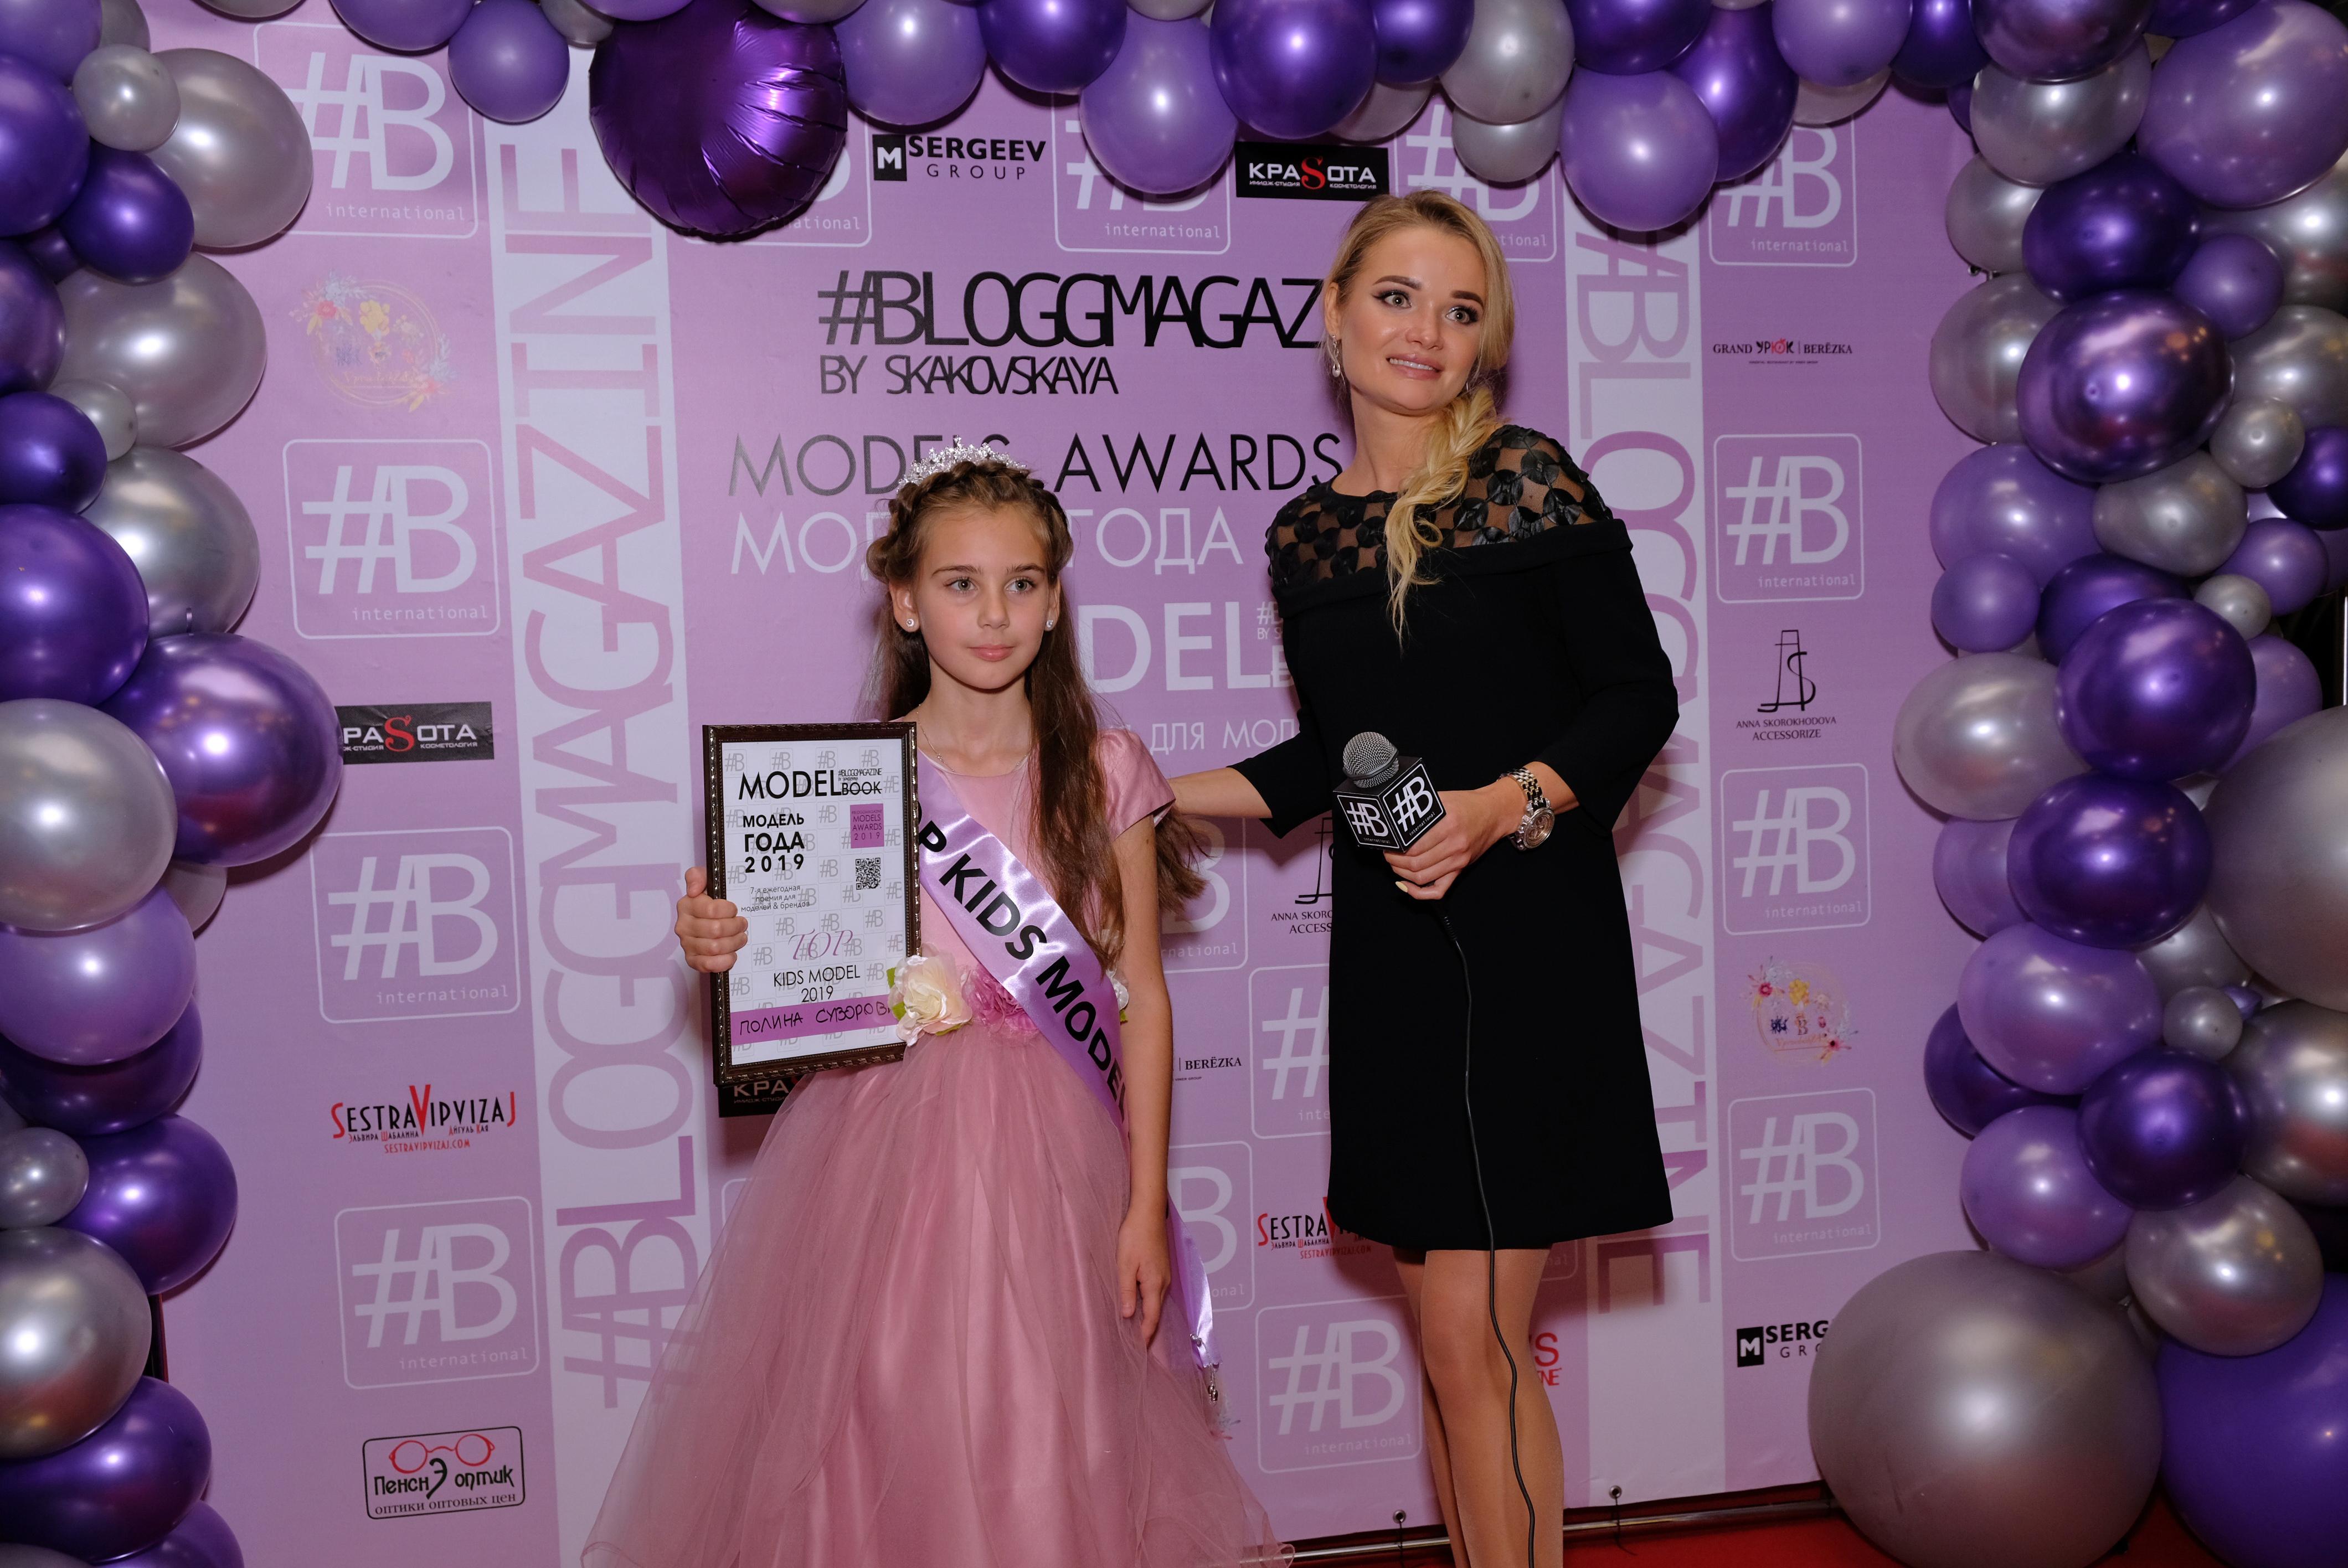 bloggmagazine_models_awards2019_10